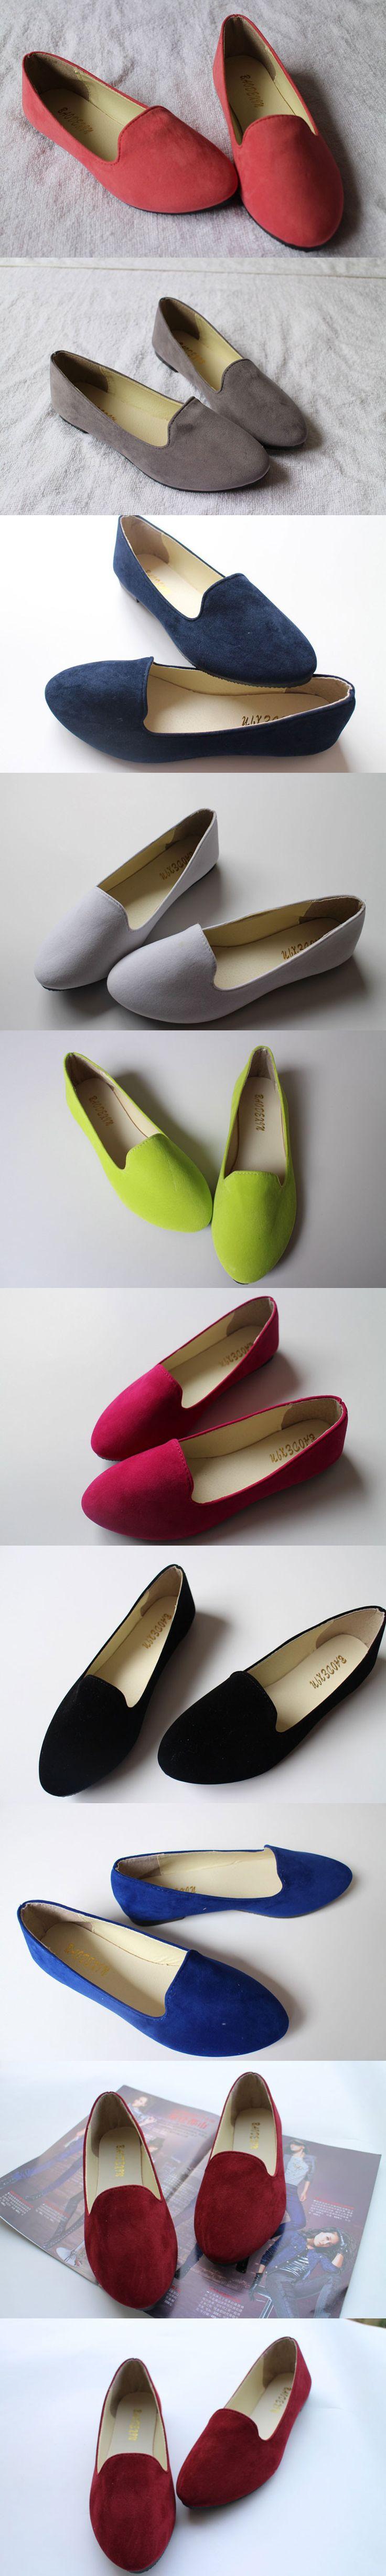 Женская обувь туфли балета женщин на плоской подошве женщина балерины черный большой размер 42 свободного покроя обуви Sapato женщин бездельников Zapatos Mujer купить на AliExpress